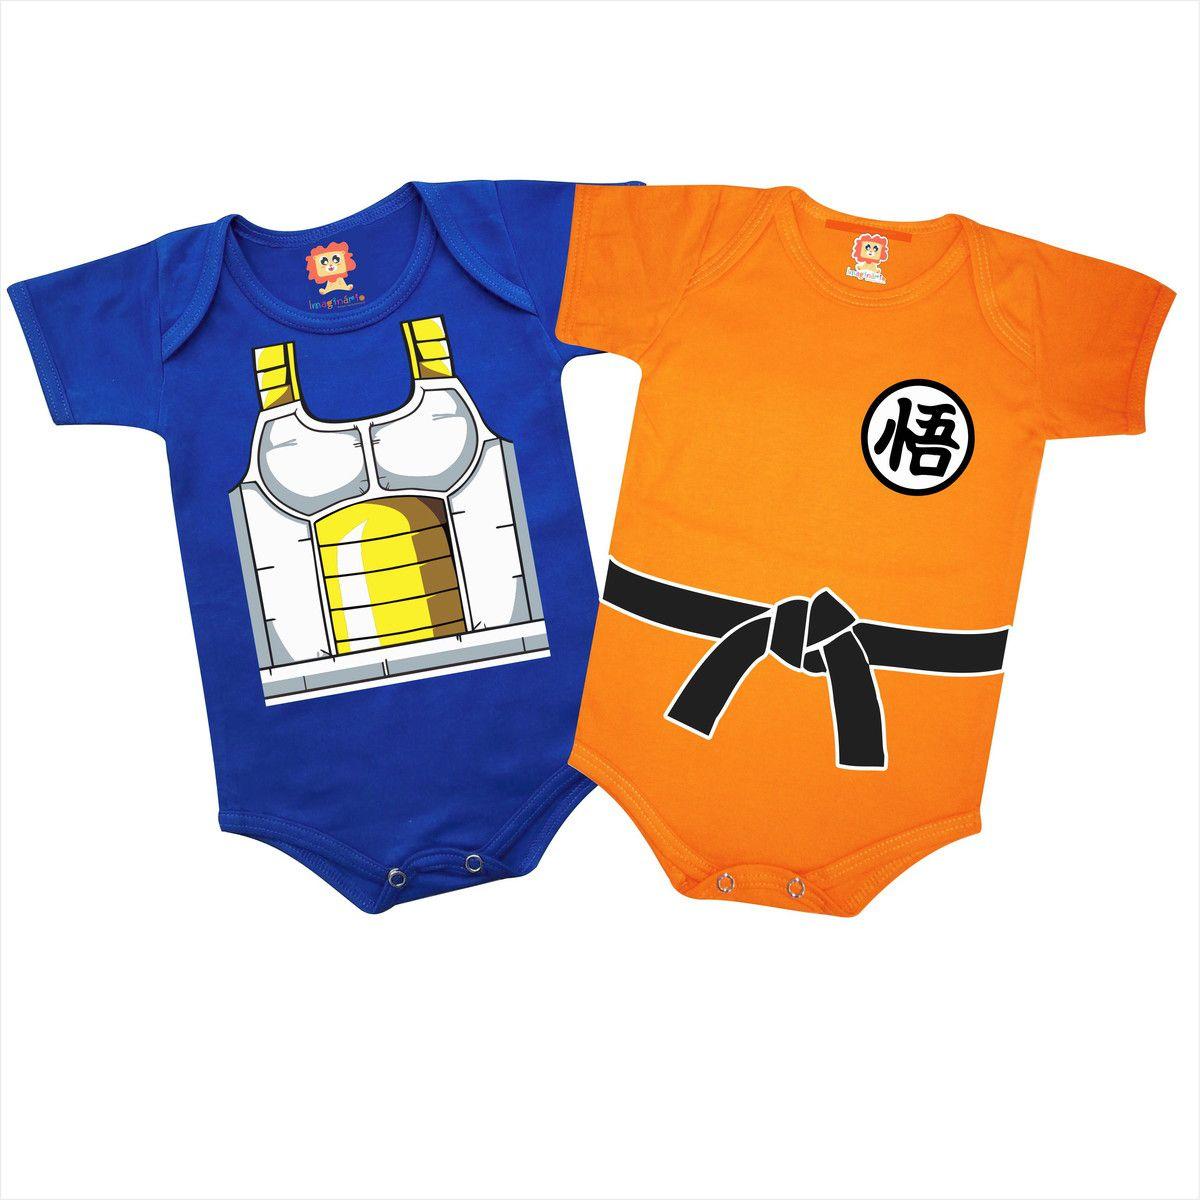 Kit Com 2 Bodys De Bebê Dragon Ball Goku Vegeta Baby Geek Fantasia